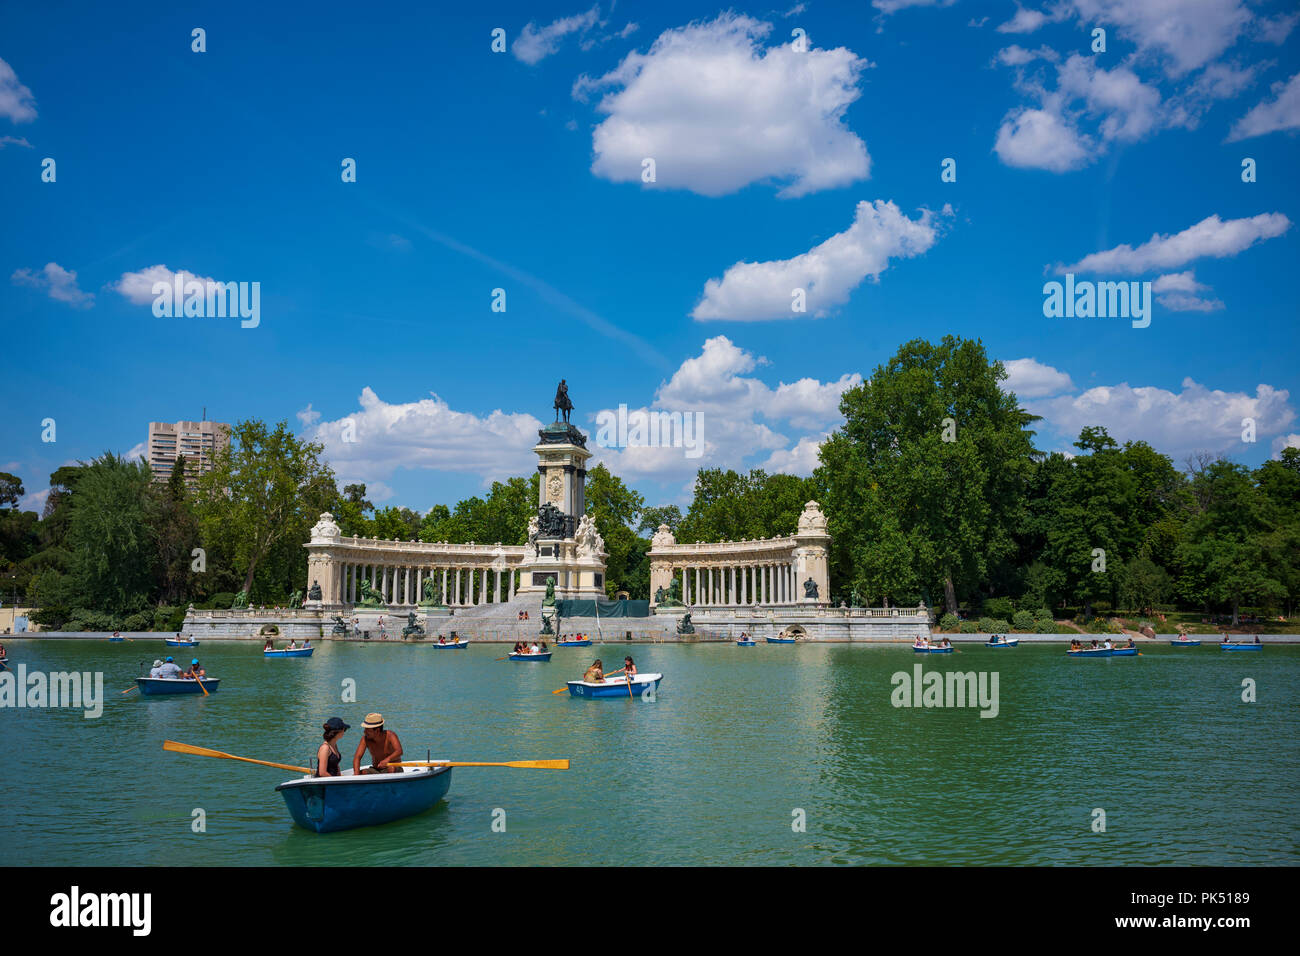 El Parque del Buen Retiro, Madrid, Spain. - Stock Image